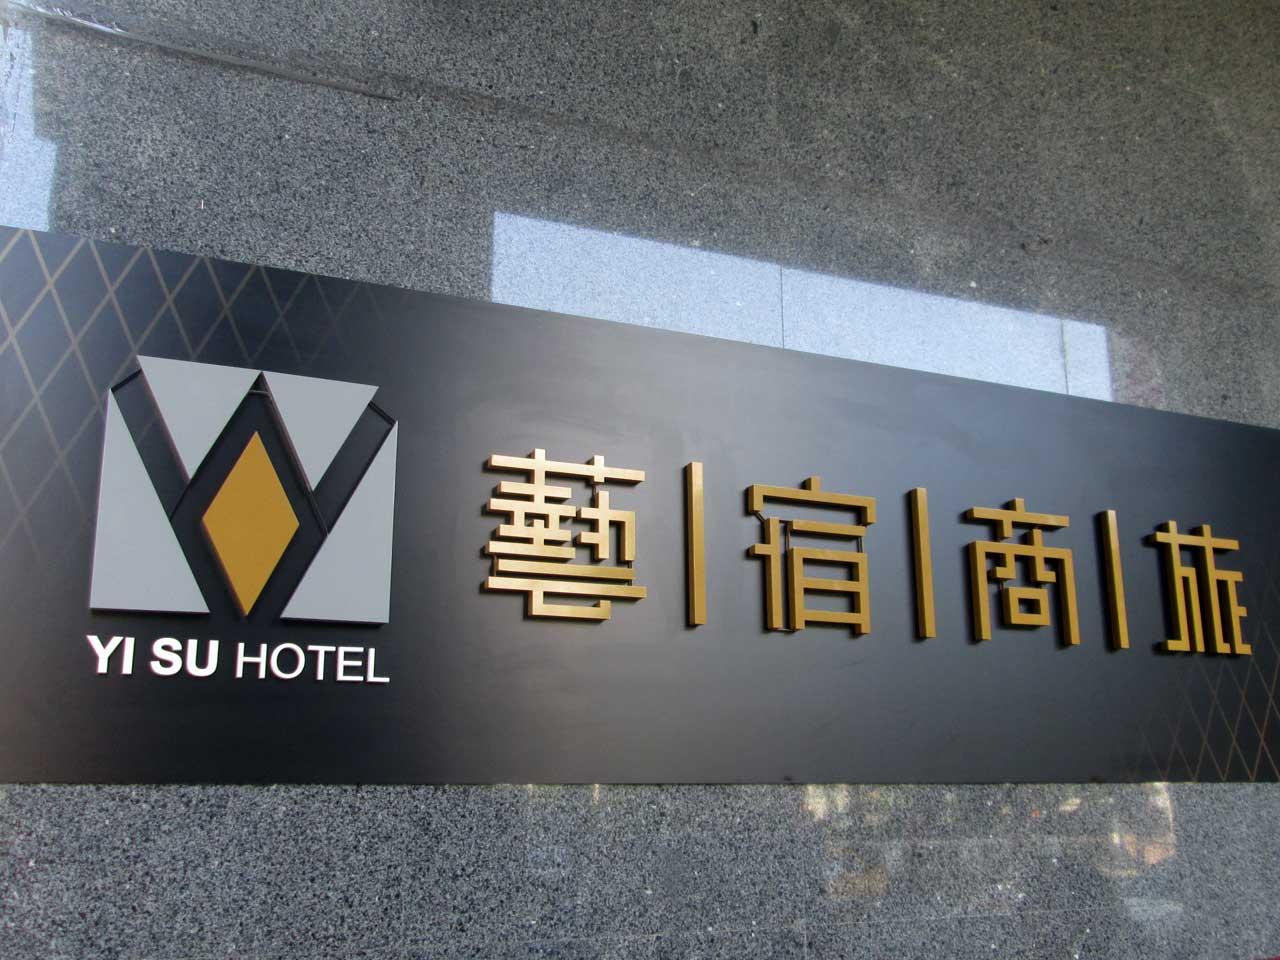 YISU_HOTEL3